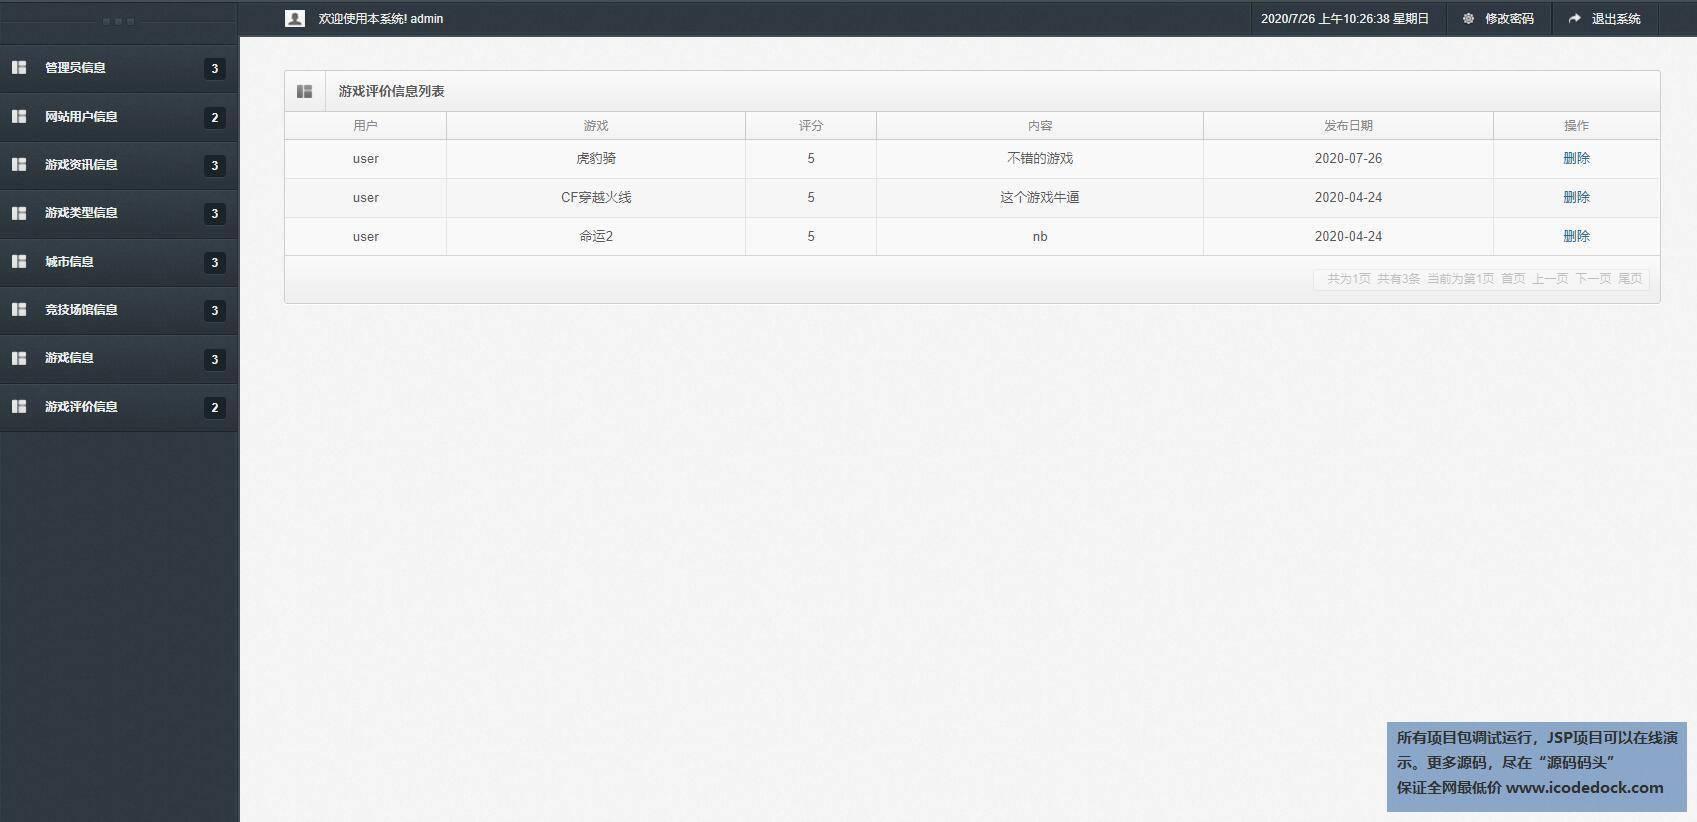 源码码头-SSM游戏点评网站-管理员角色-游戏评价信息管理